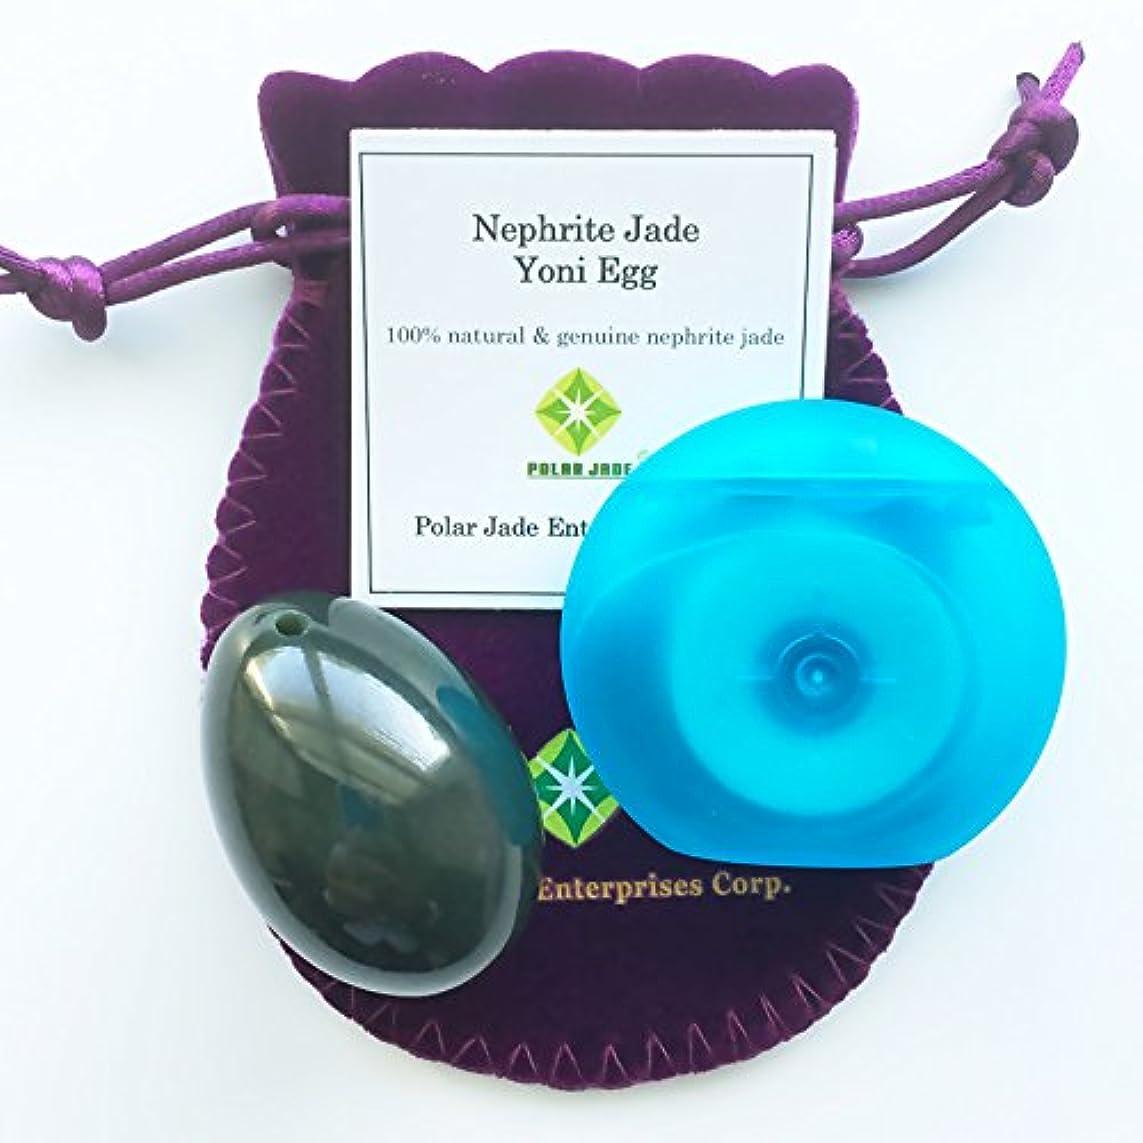 溶ける容赦ない値ネフライト翡翠卵(ジェイドエッグ)、紐穴あり、ワックス加工のされていないデンタルフロス一箱同梱、品質証明書及びエッグ?エクササイズの使用説明書(英語)付き、パワーストーンとしても好適 (Nephrite Jade Egg...